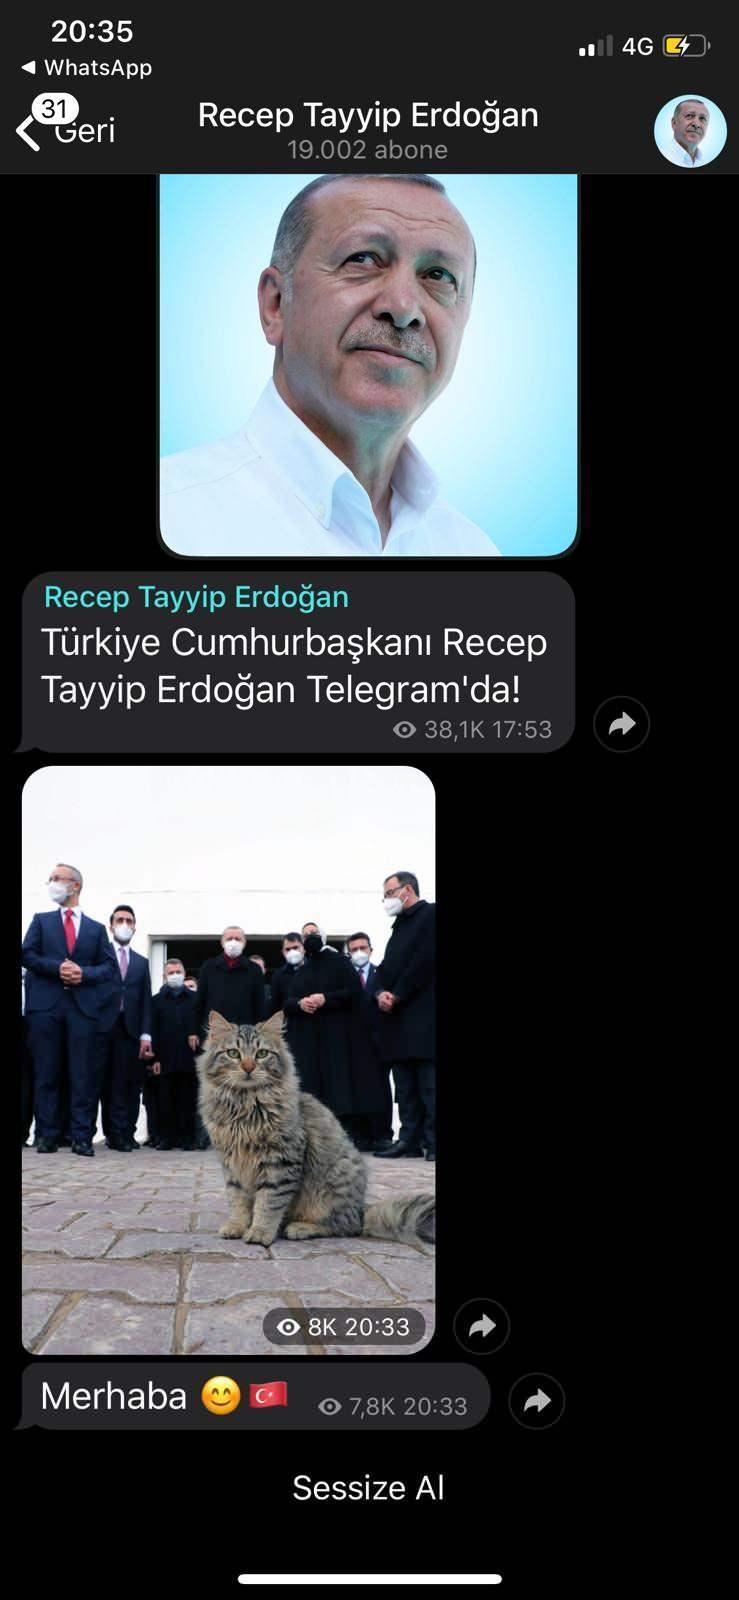 Başkan Erdoğan'ın Telegram paylaşımı